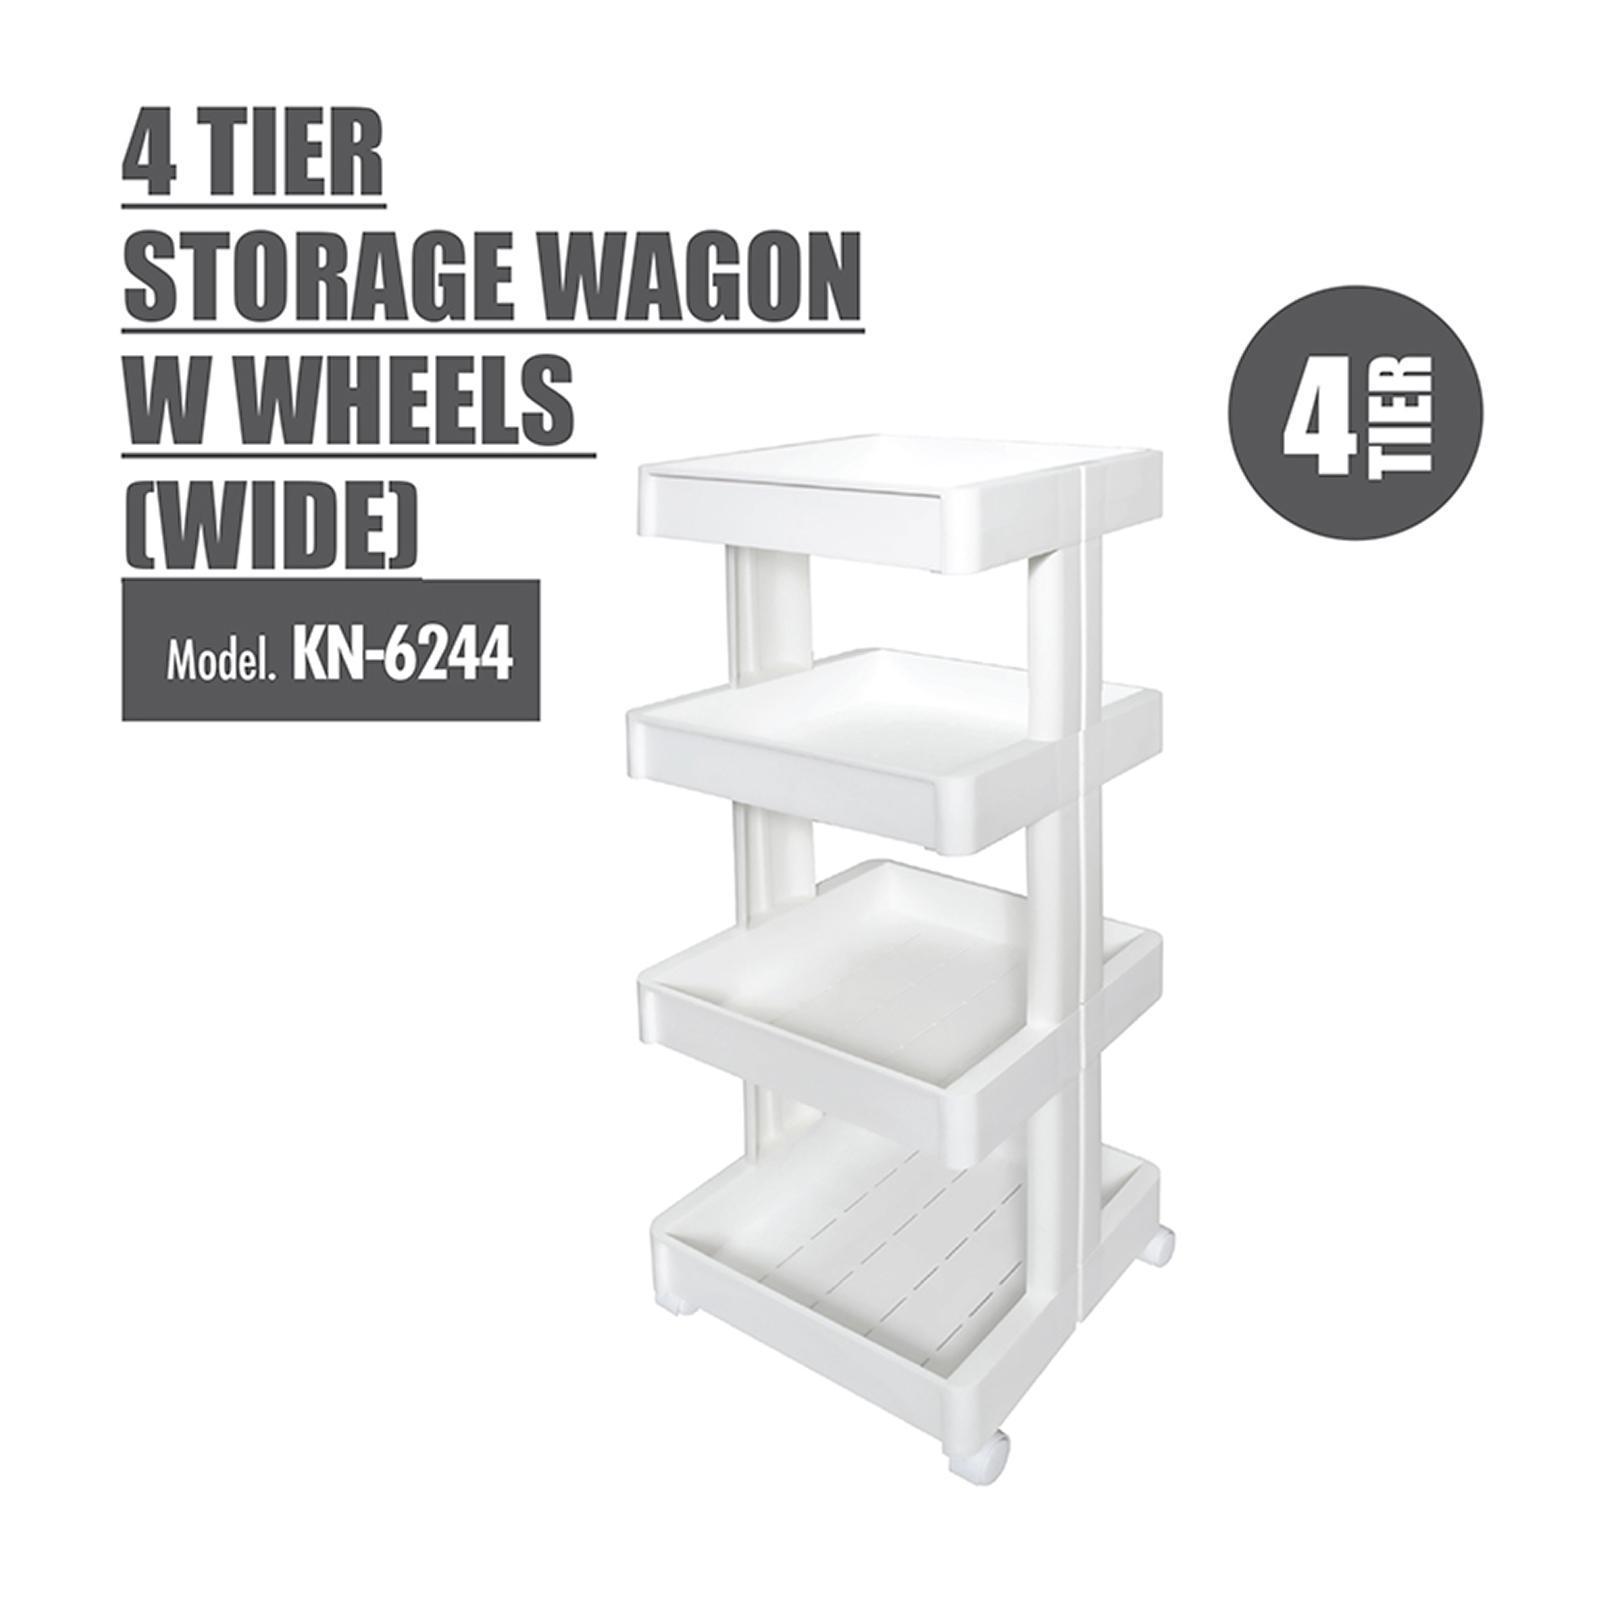 HOUZE 4 Tier Storage Wagon With Wheels (Wide)